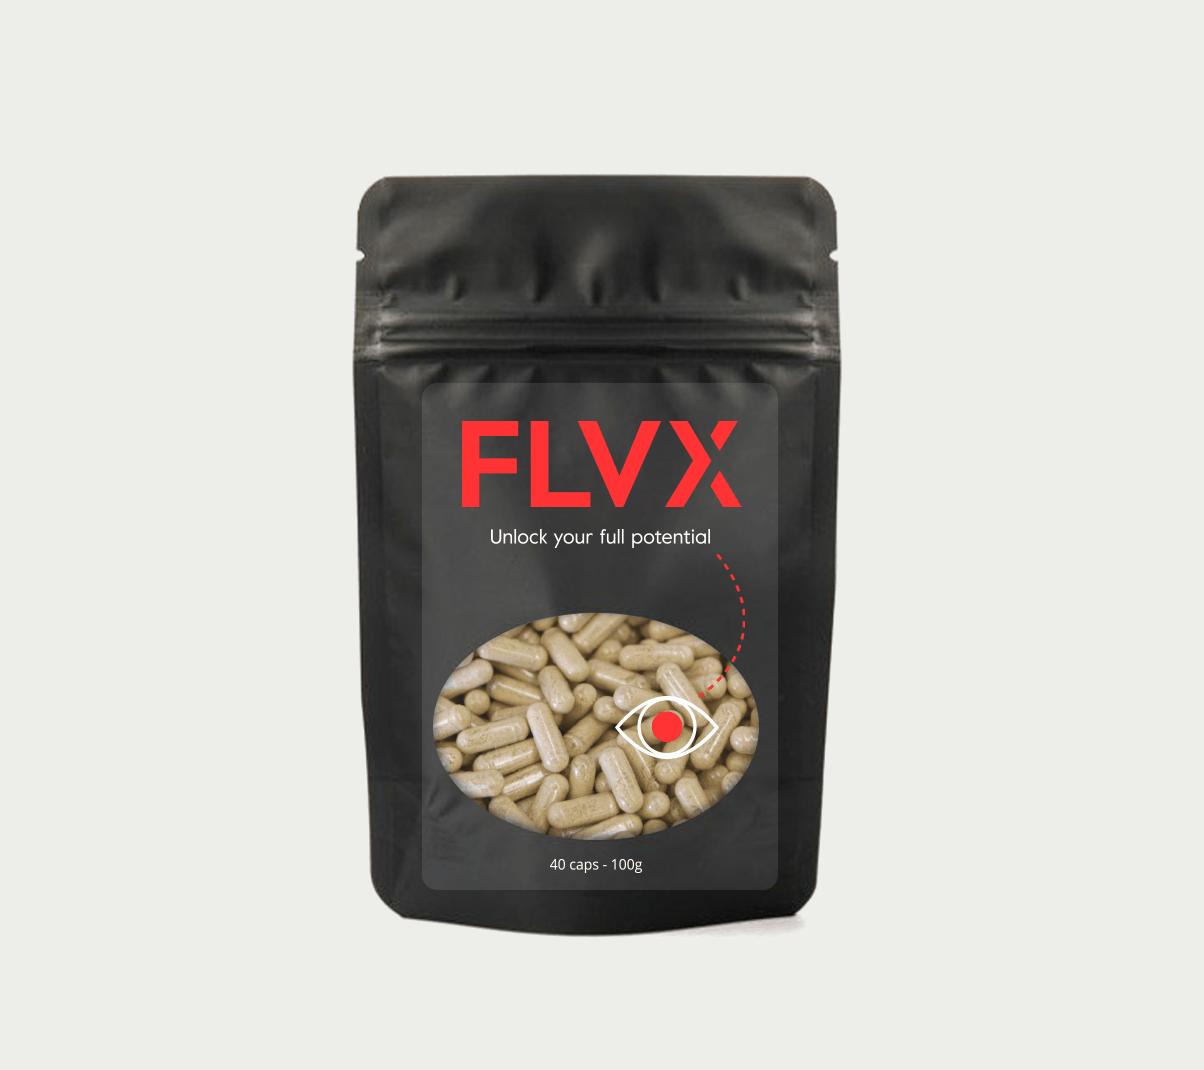 flvx-capsules-tegen-concentratieproblemen